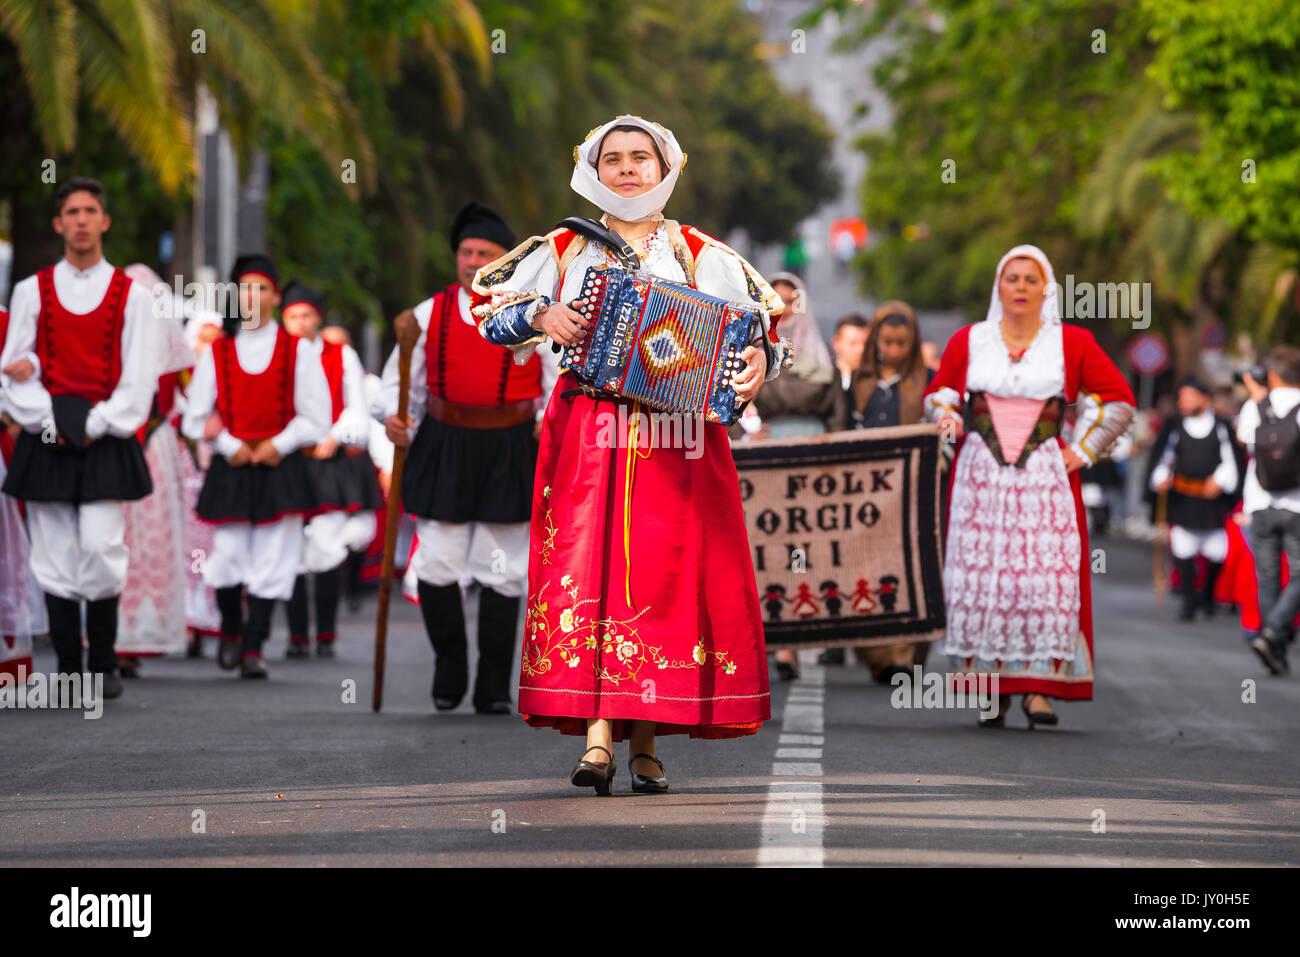 Sardinien traditionelle Fest, eine weibliche Akkordeonist führt Ihre lokalen Folk-gruppe in der großen Prozession der Cavalcata Festival in Sassari. Stockbild